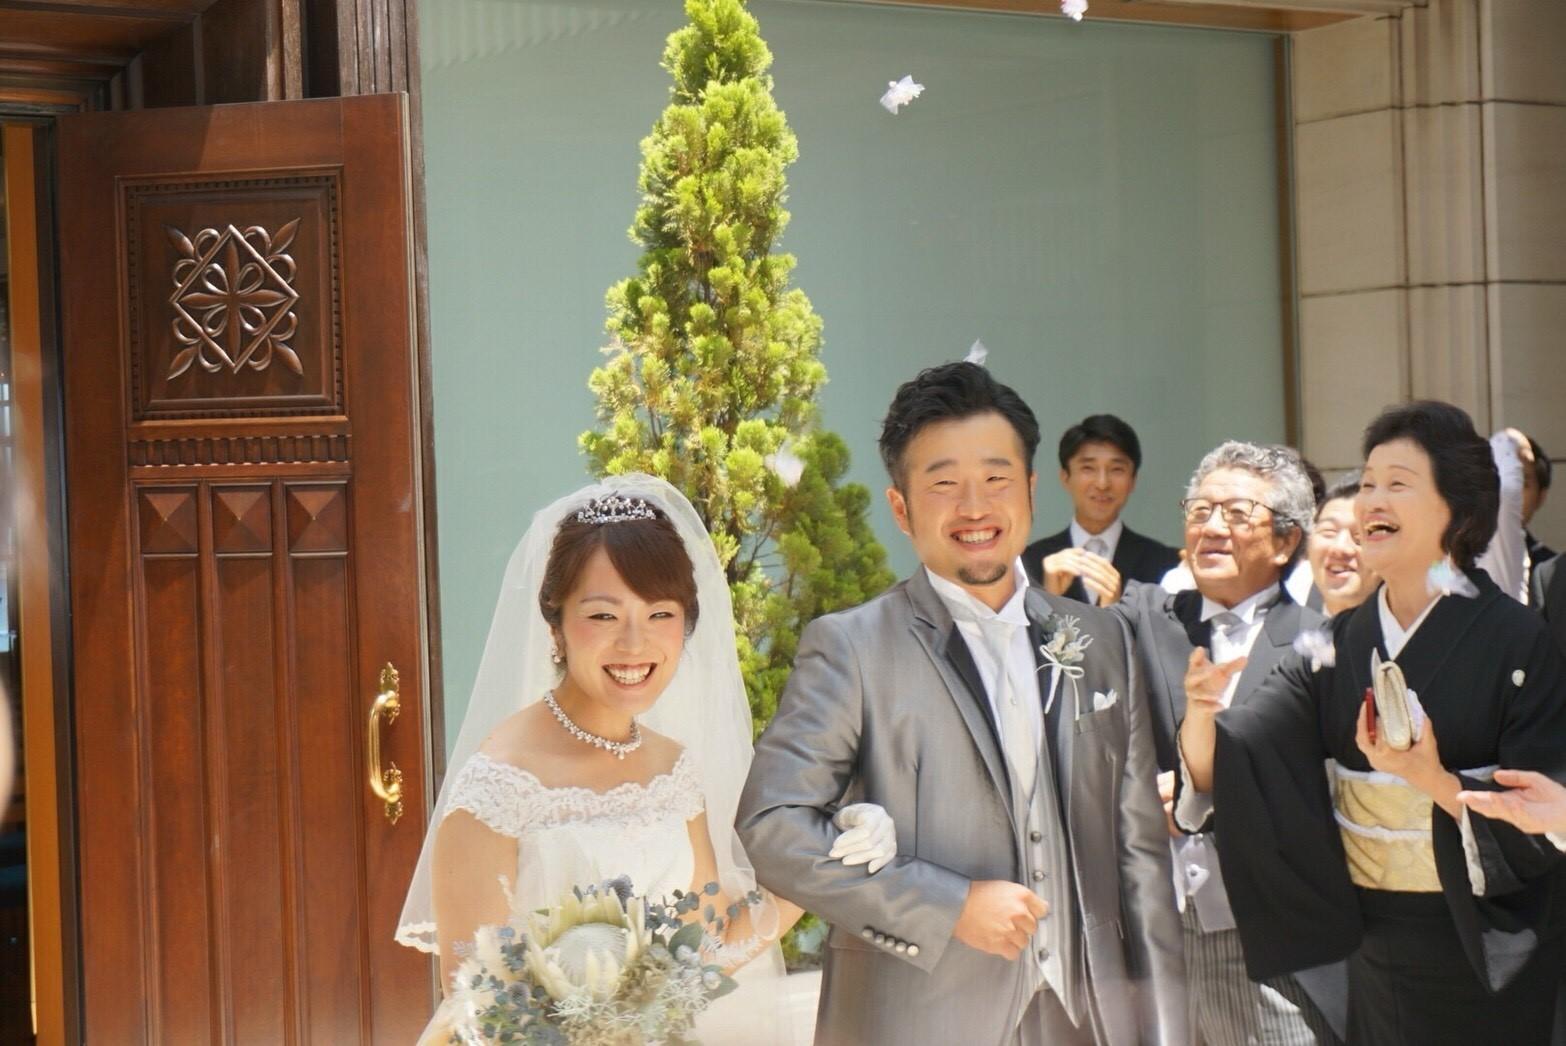 【結婚式当日の撮影①】/横浜 元町 ウエディングサロン